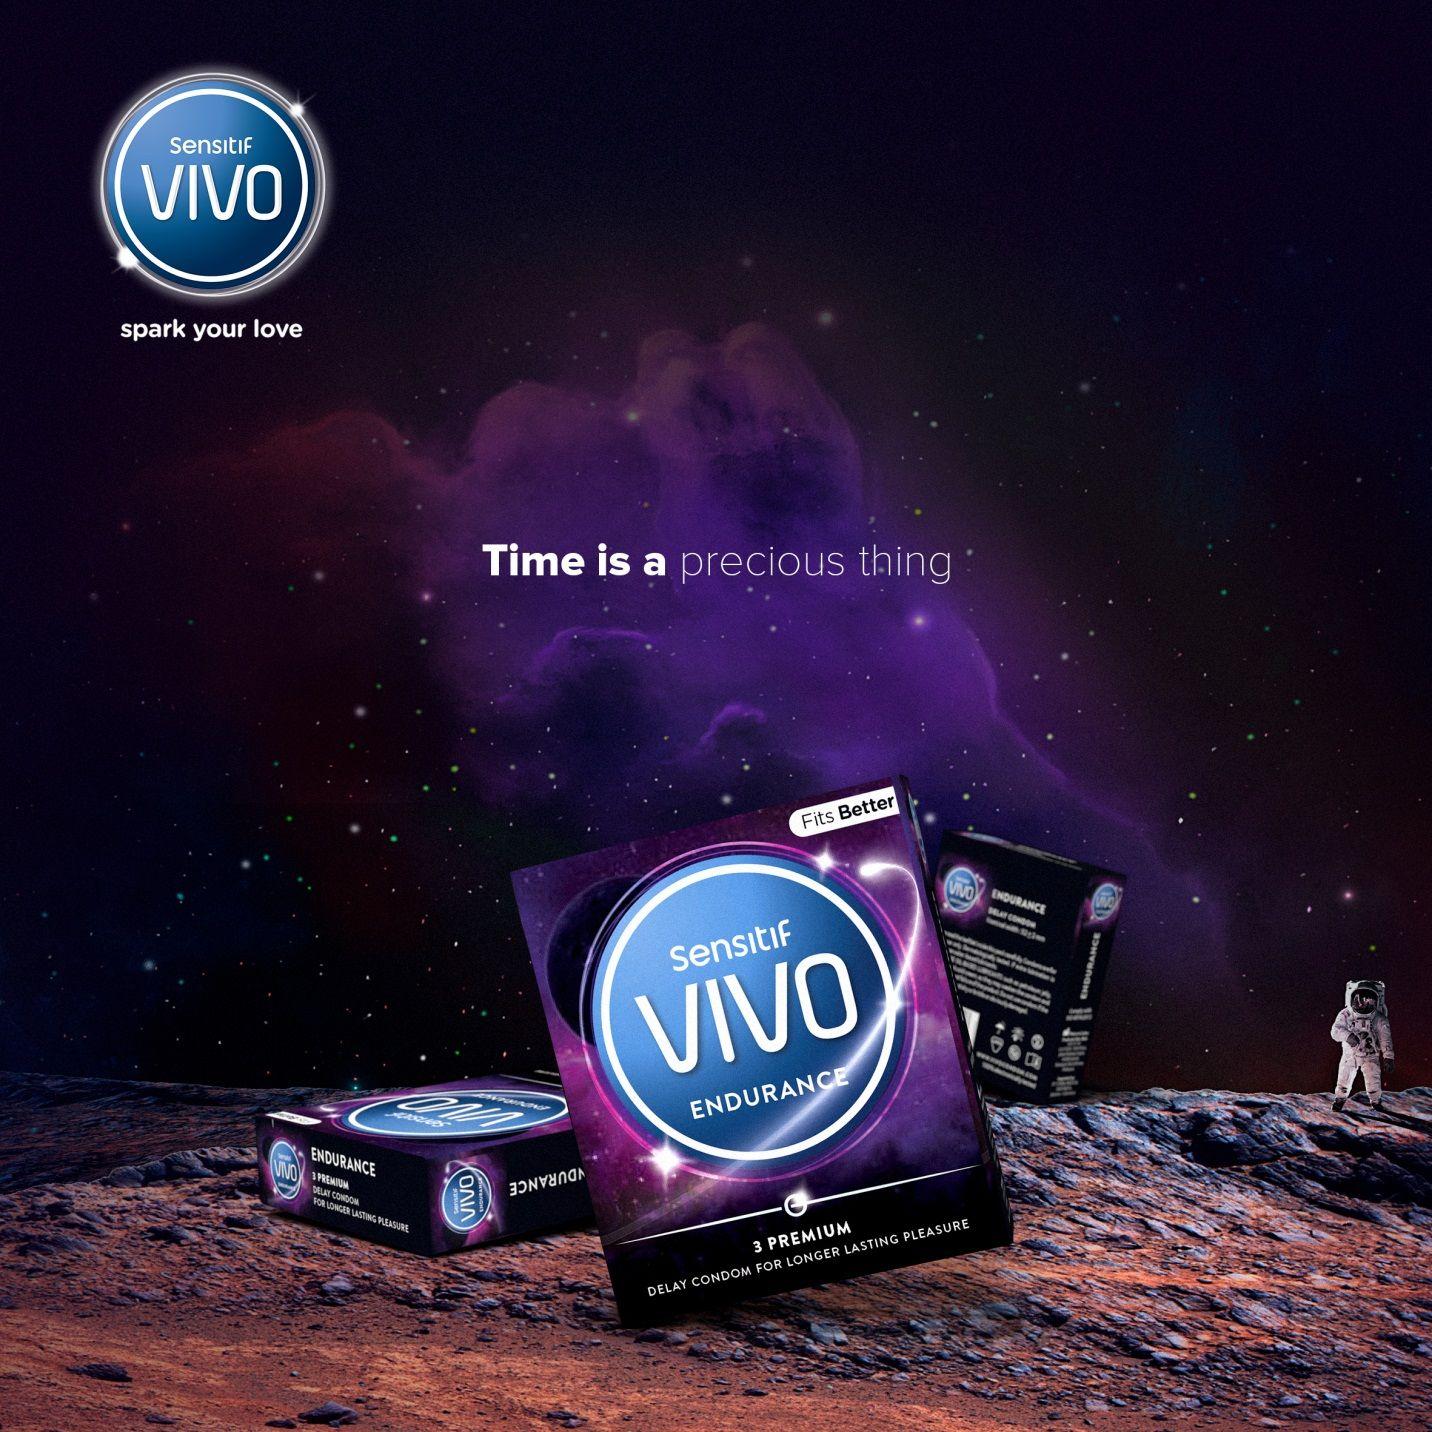 VIVO kondom